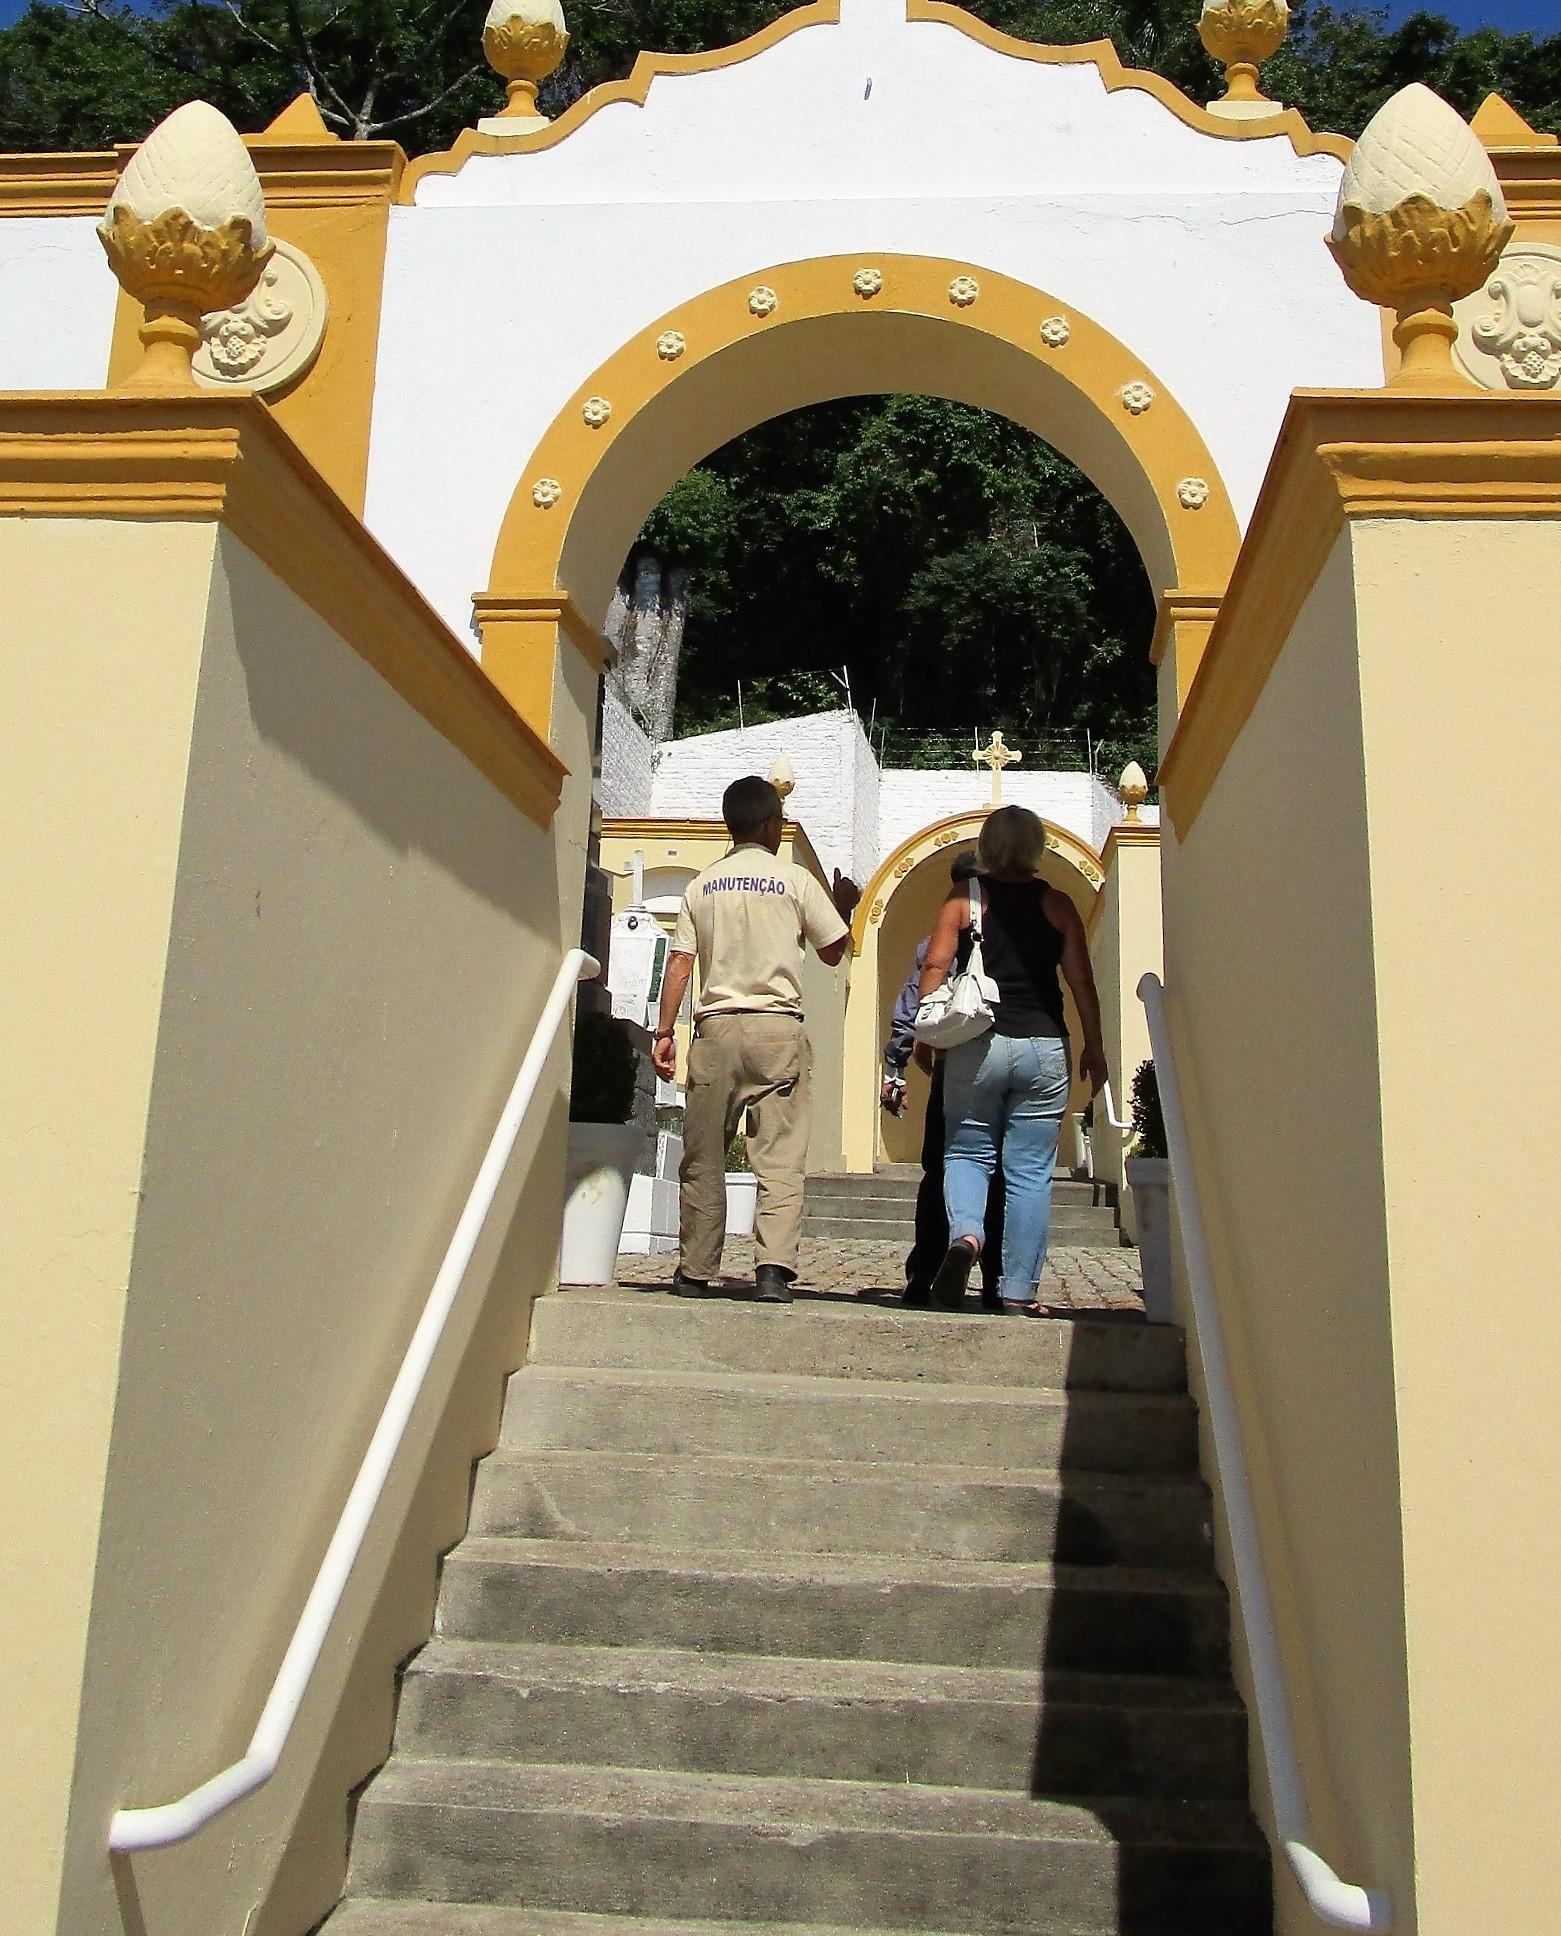 Portão de acesso: para evitar depredações, visitas são monitoradas - Carlos Damião